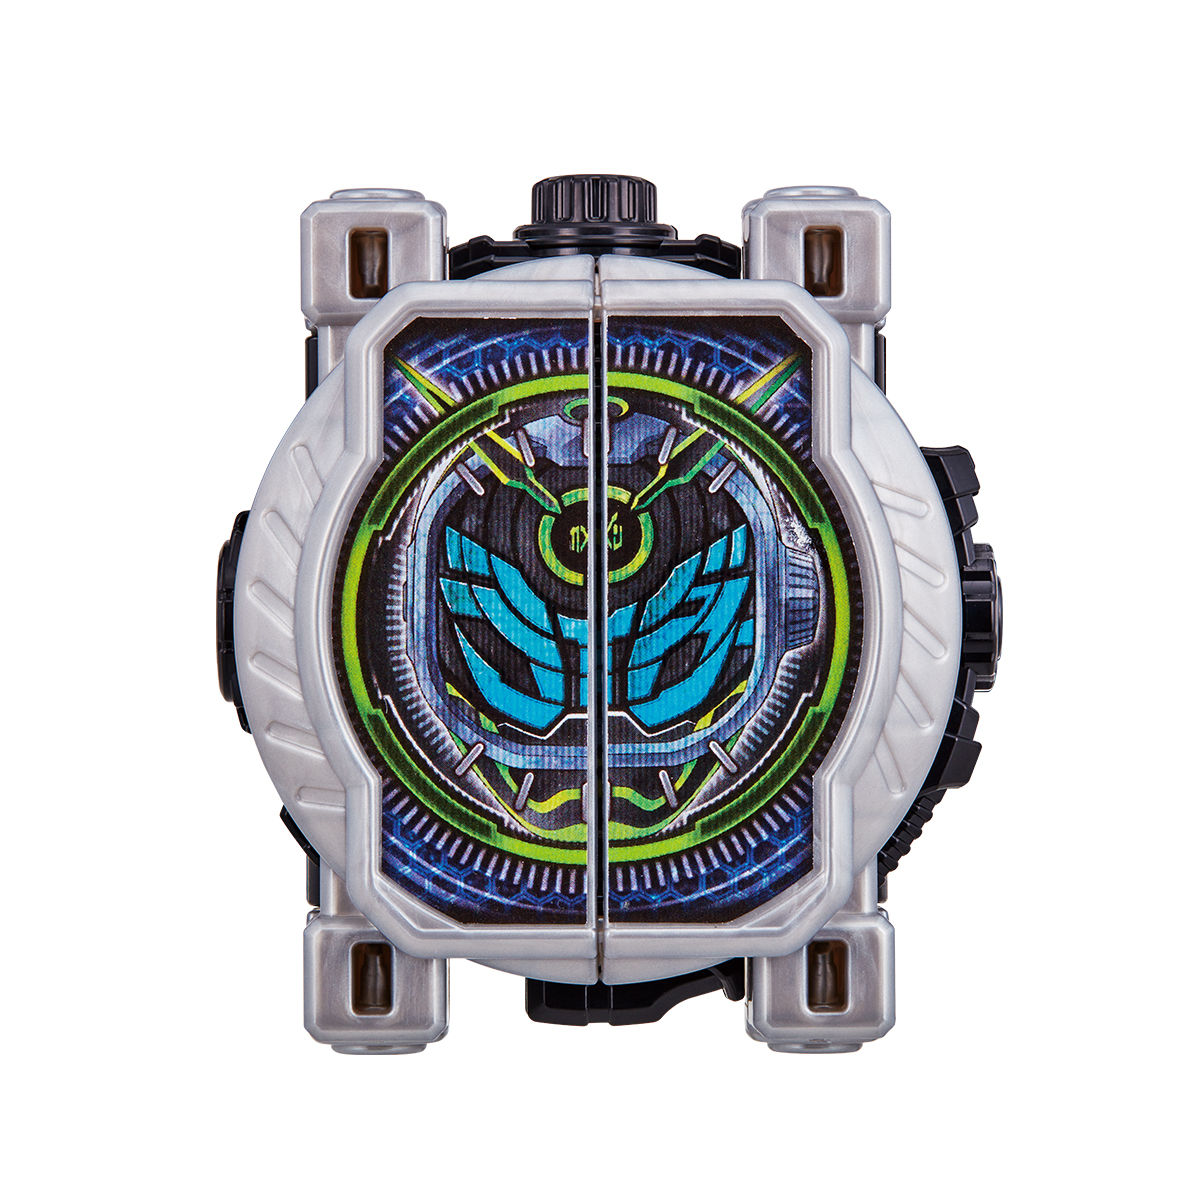 変身ベルト『DXビヨンドライバー』仮面ライダージオウ 変身なりきり-005